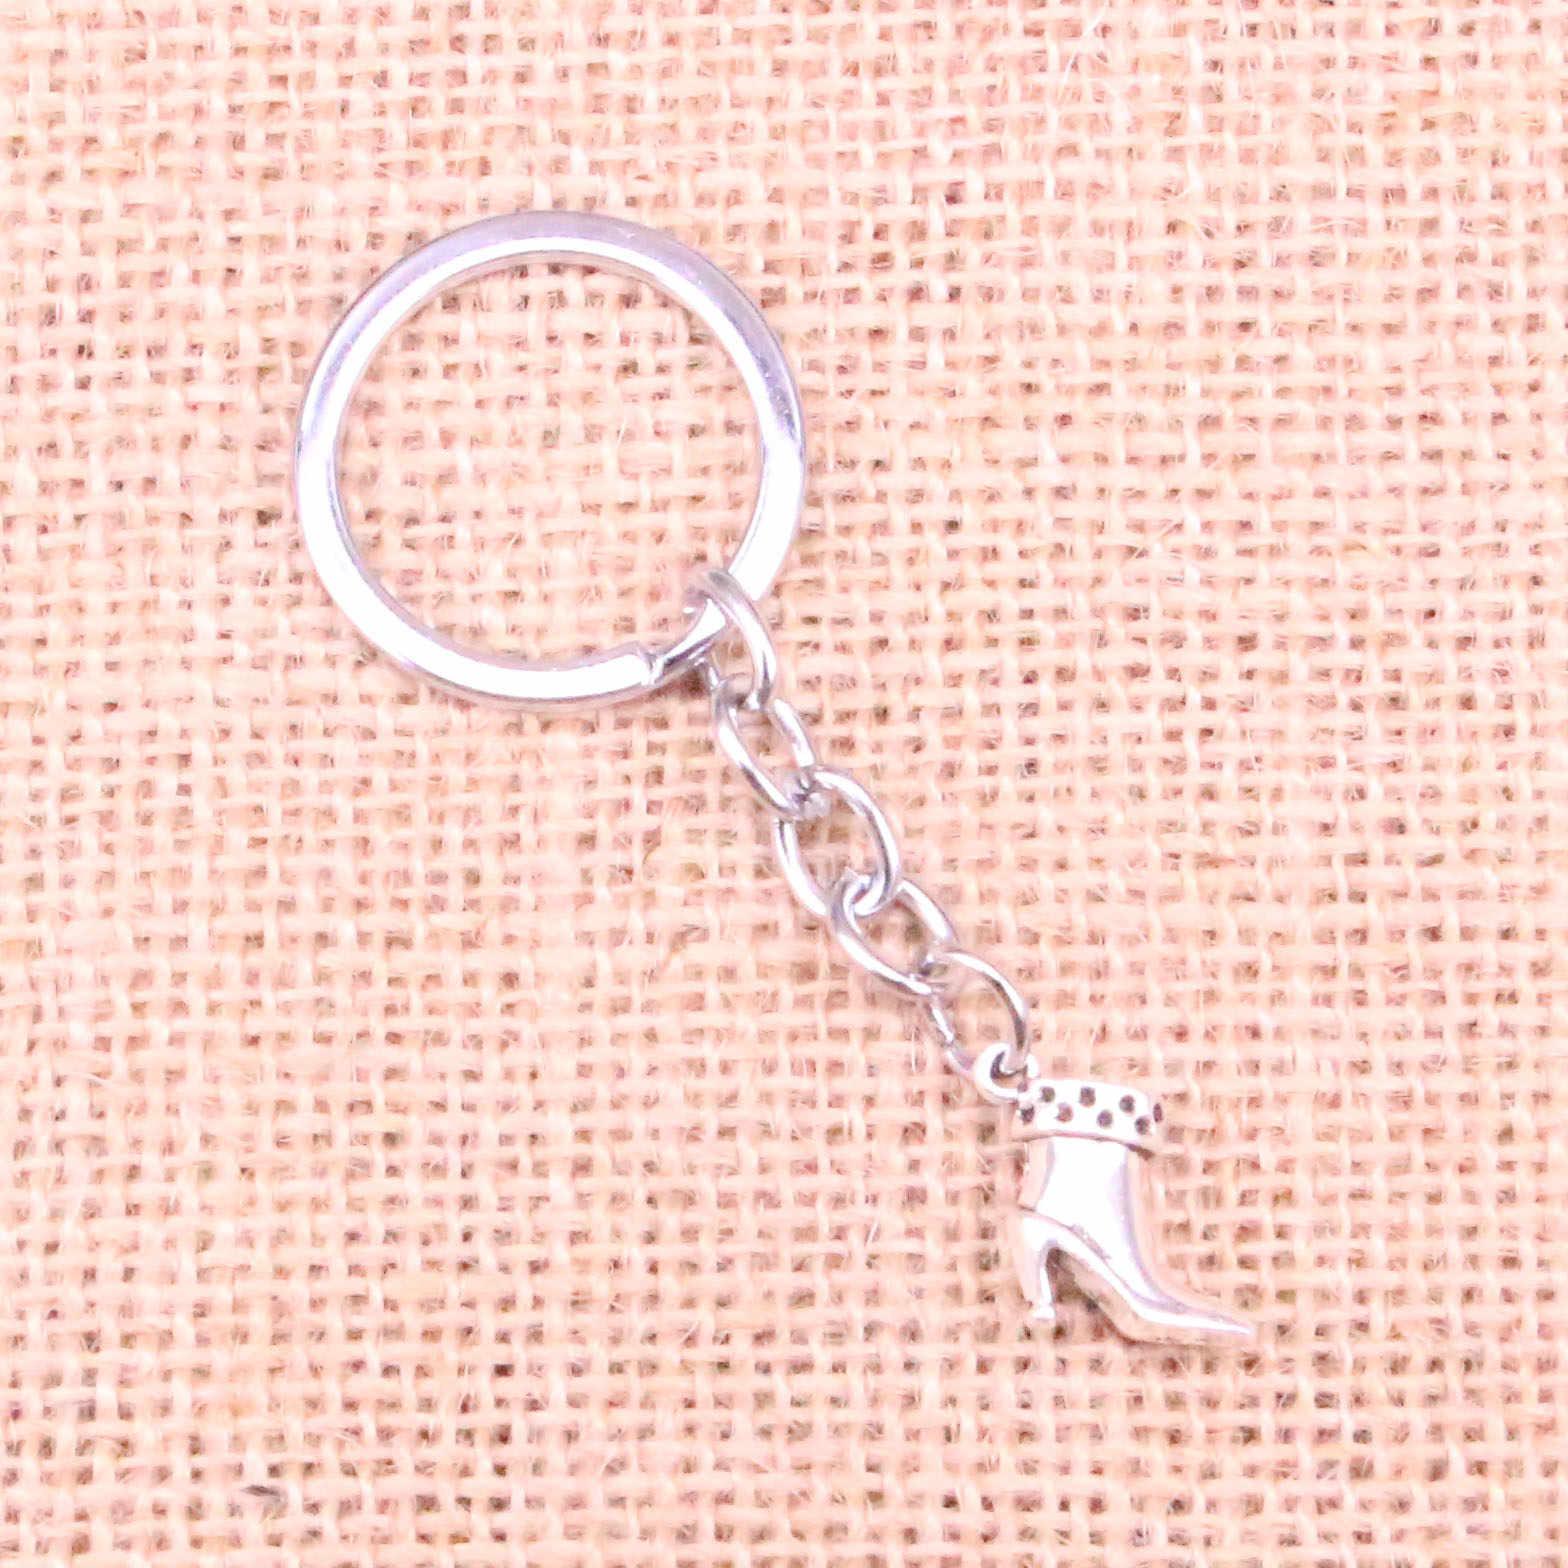 Araba Anahtarı halka kolye Gümüş Renk Metal anahtar zincirleri Aksesuar Toptan, Vintage yüksek topuklu ayakkabılar çizmeler Anahtarlık